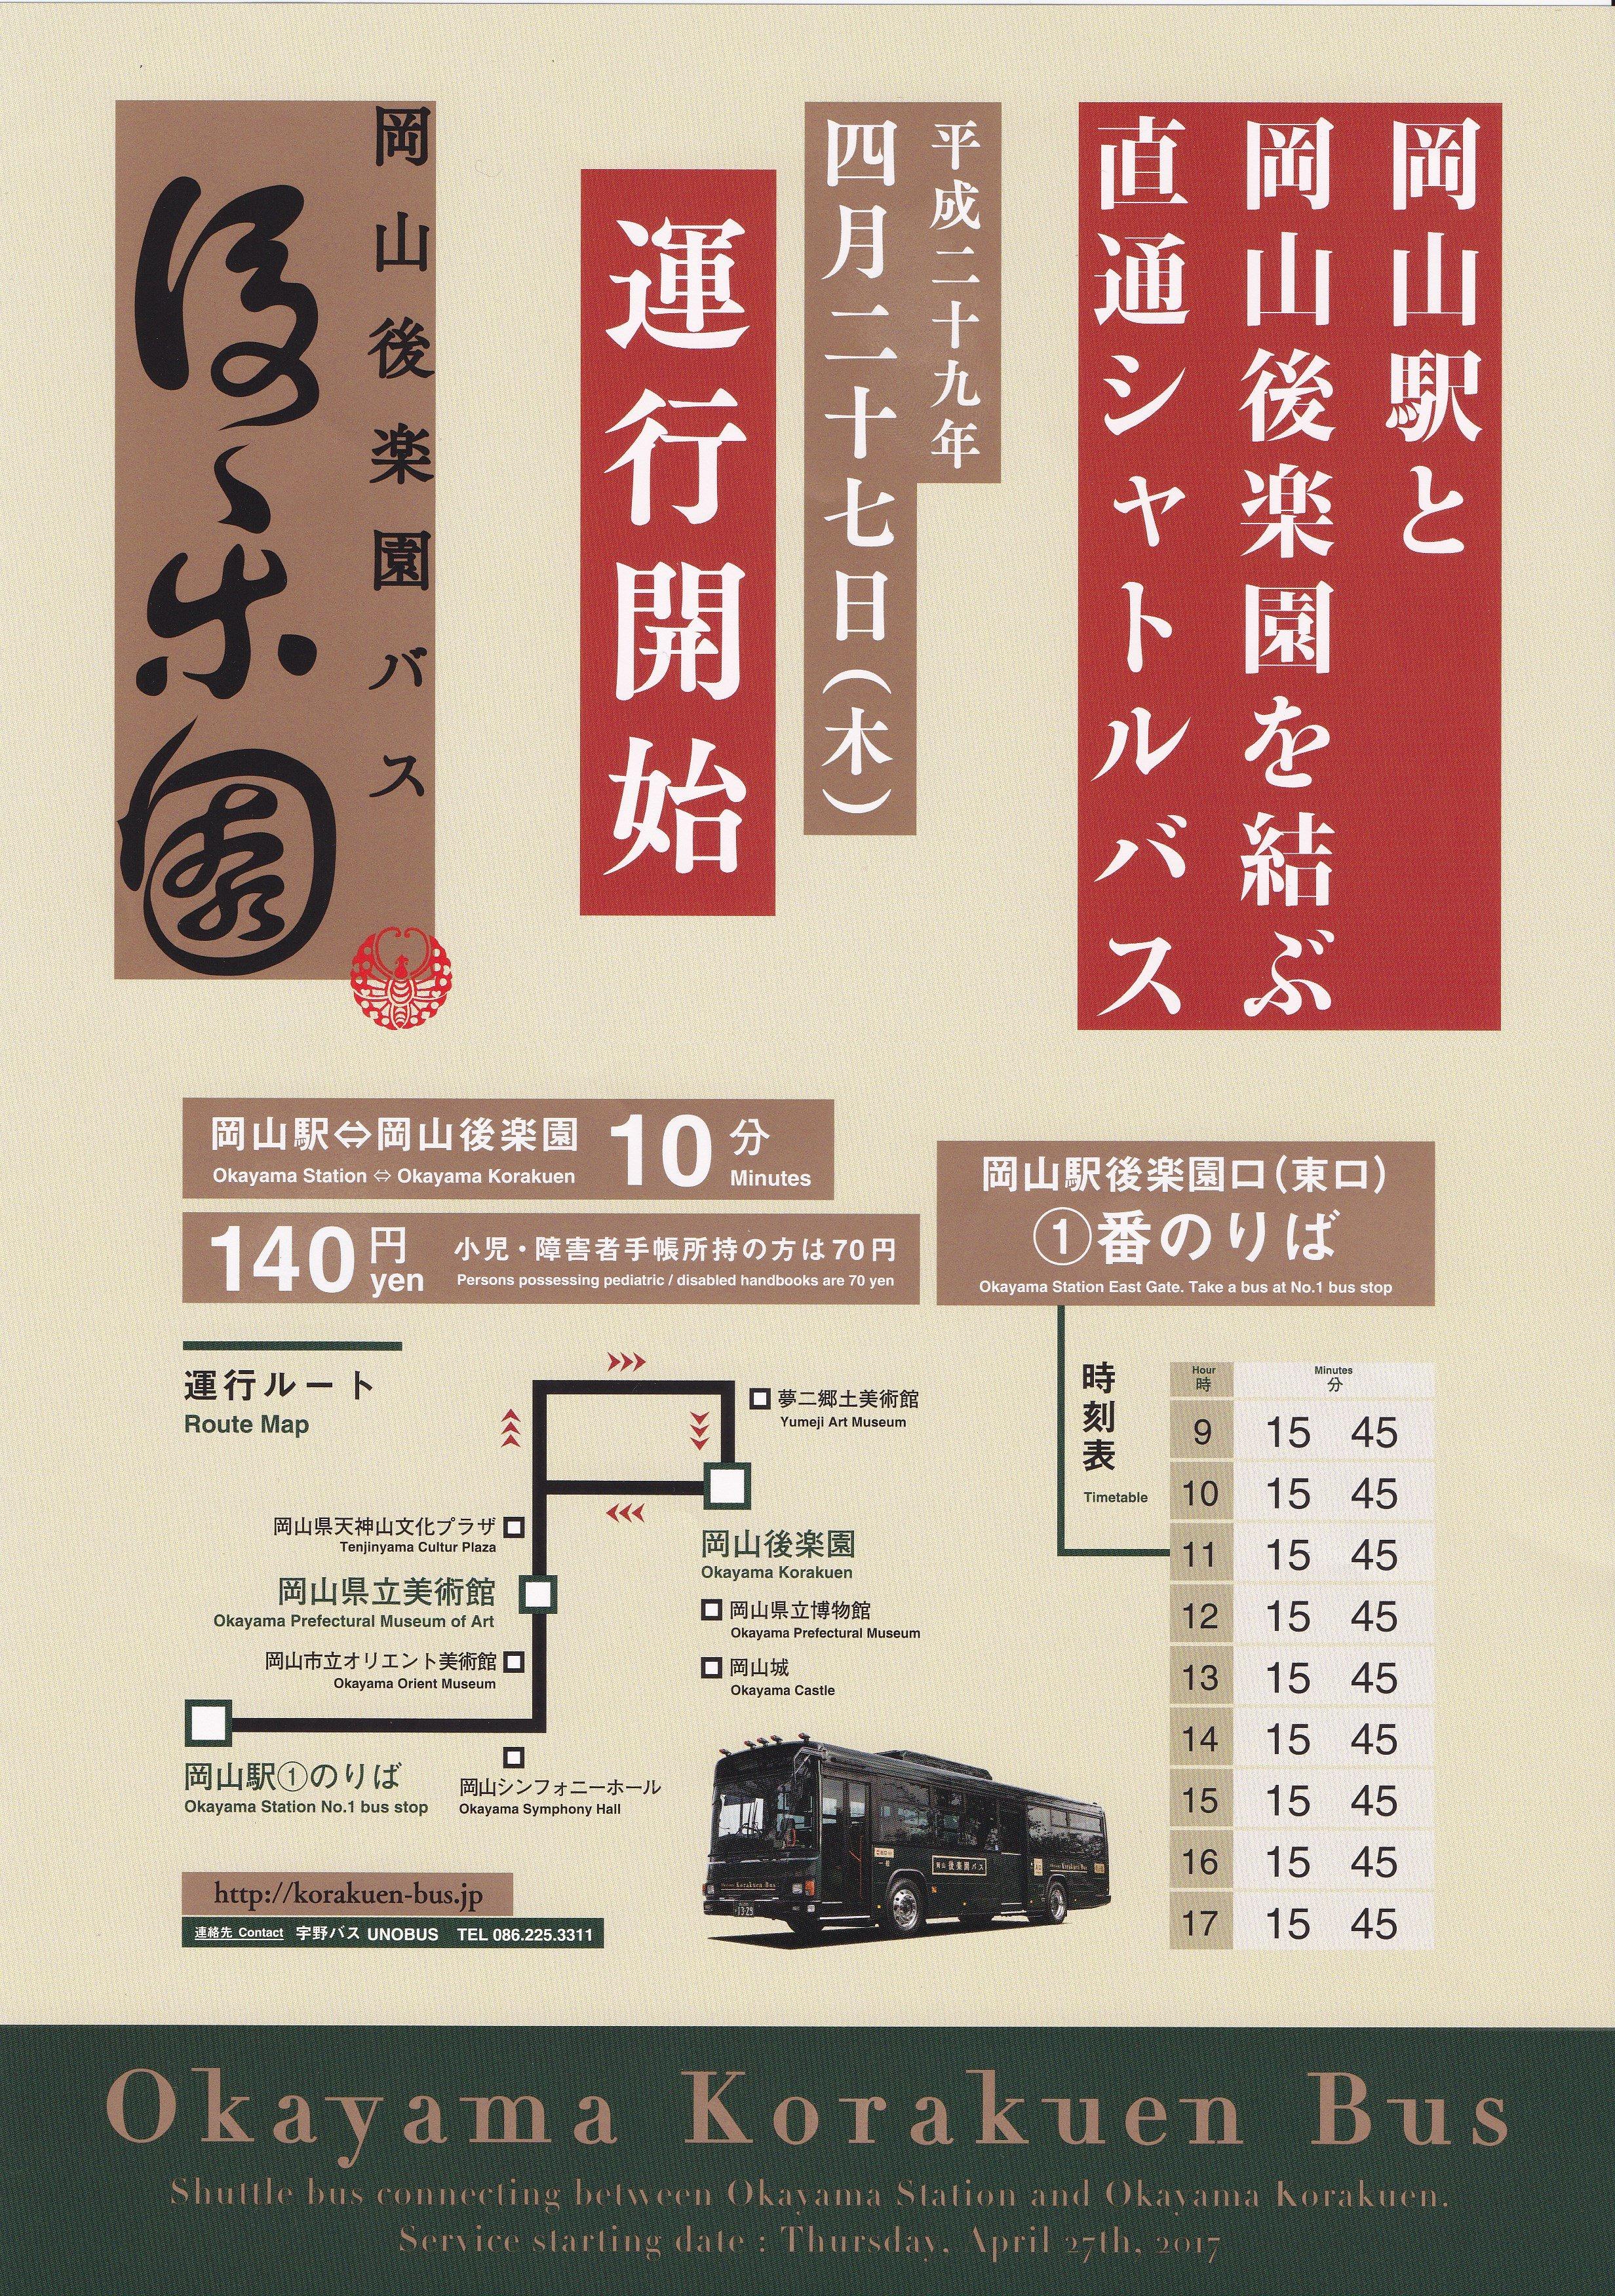 後楽園ノンストップバスの時刻表